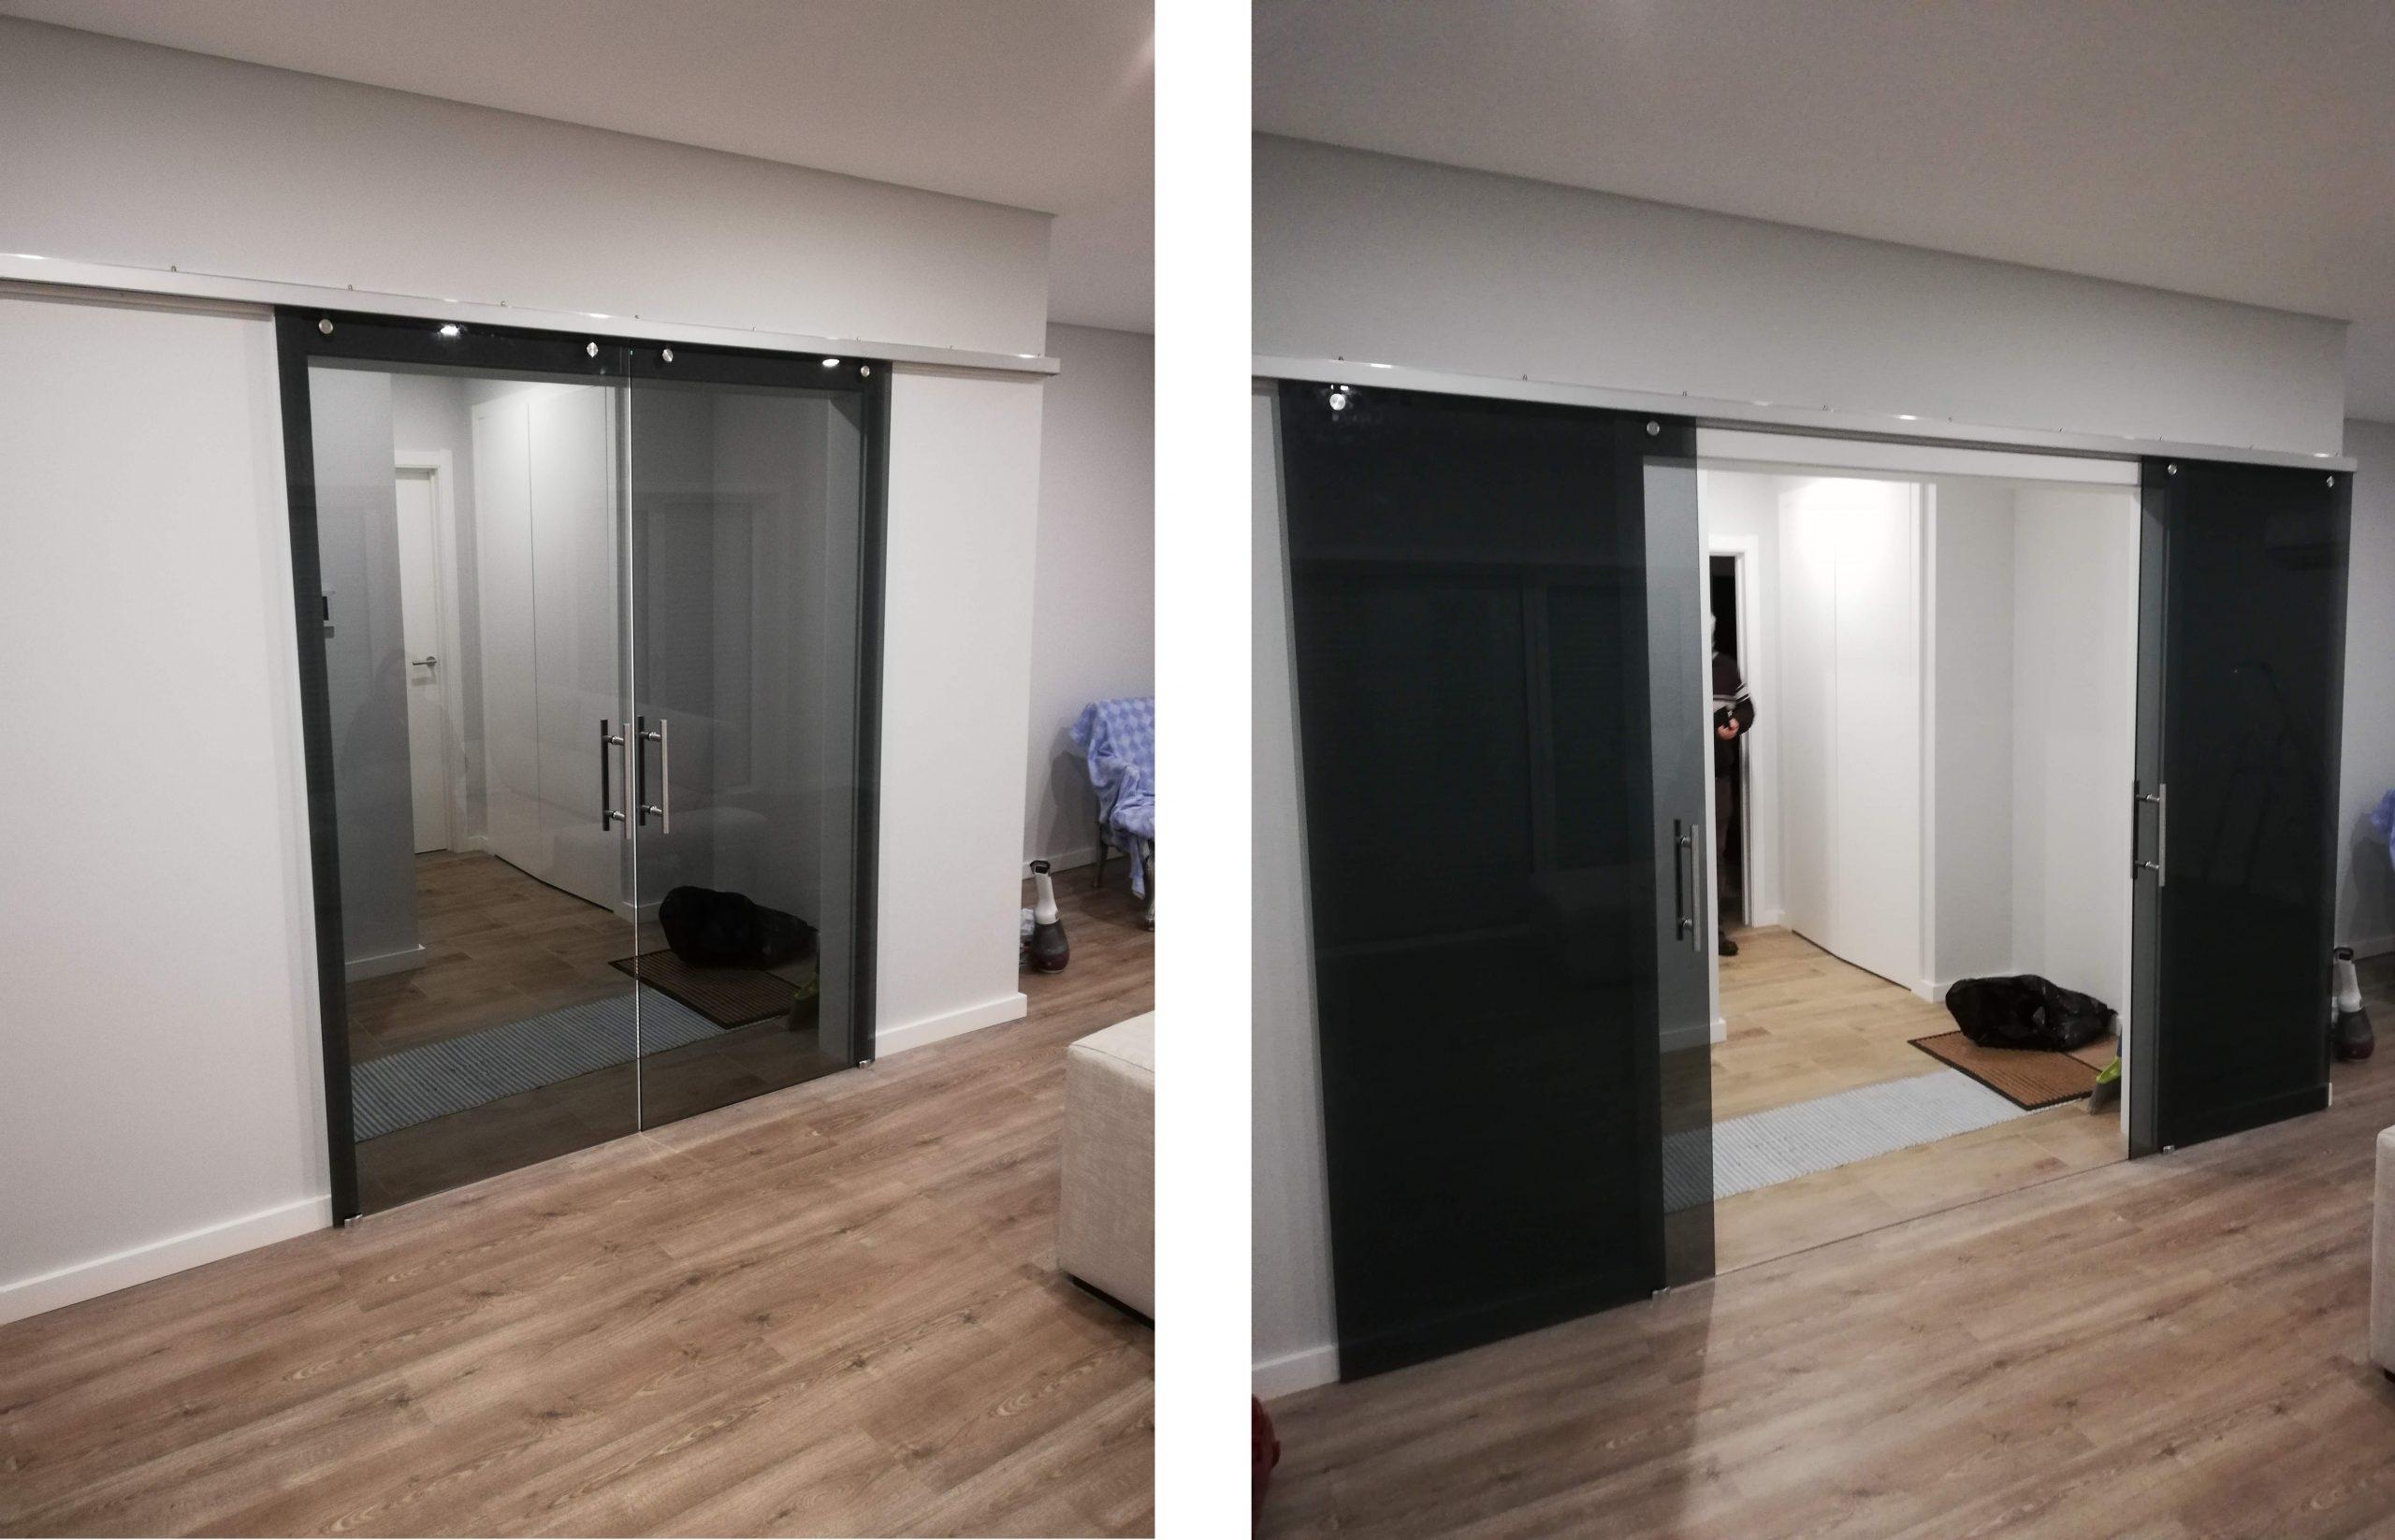 Portas correr vidro temperado gris 10mm calha aluminio fixacao lateral